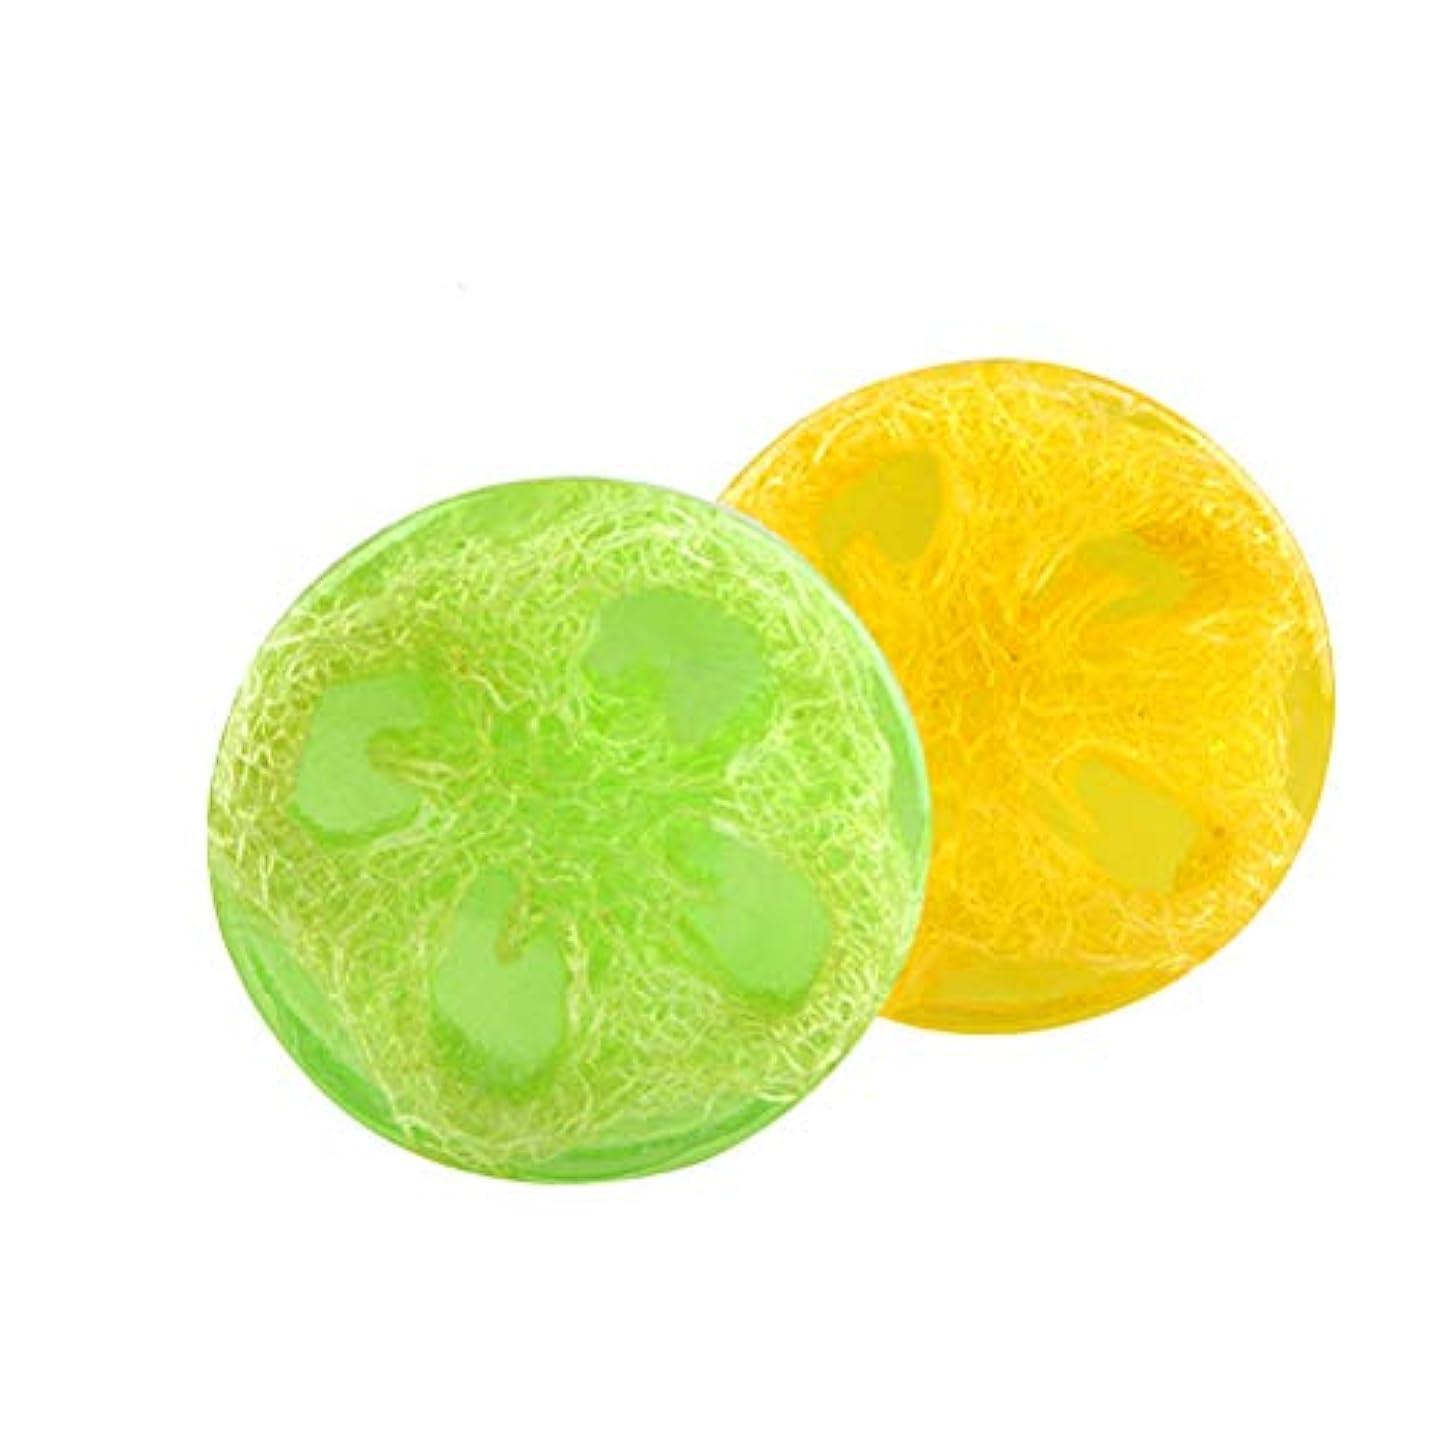 重要シャトル陰気Lurrose ハンドメイドエッセンシャルオイルソープバーモイスチャライジングボディウォッシュソープ2個(アロエとレモン)